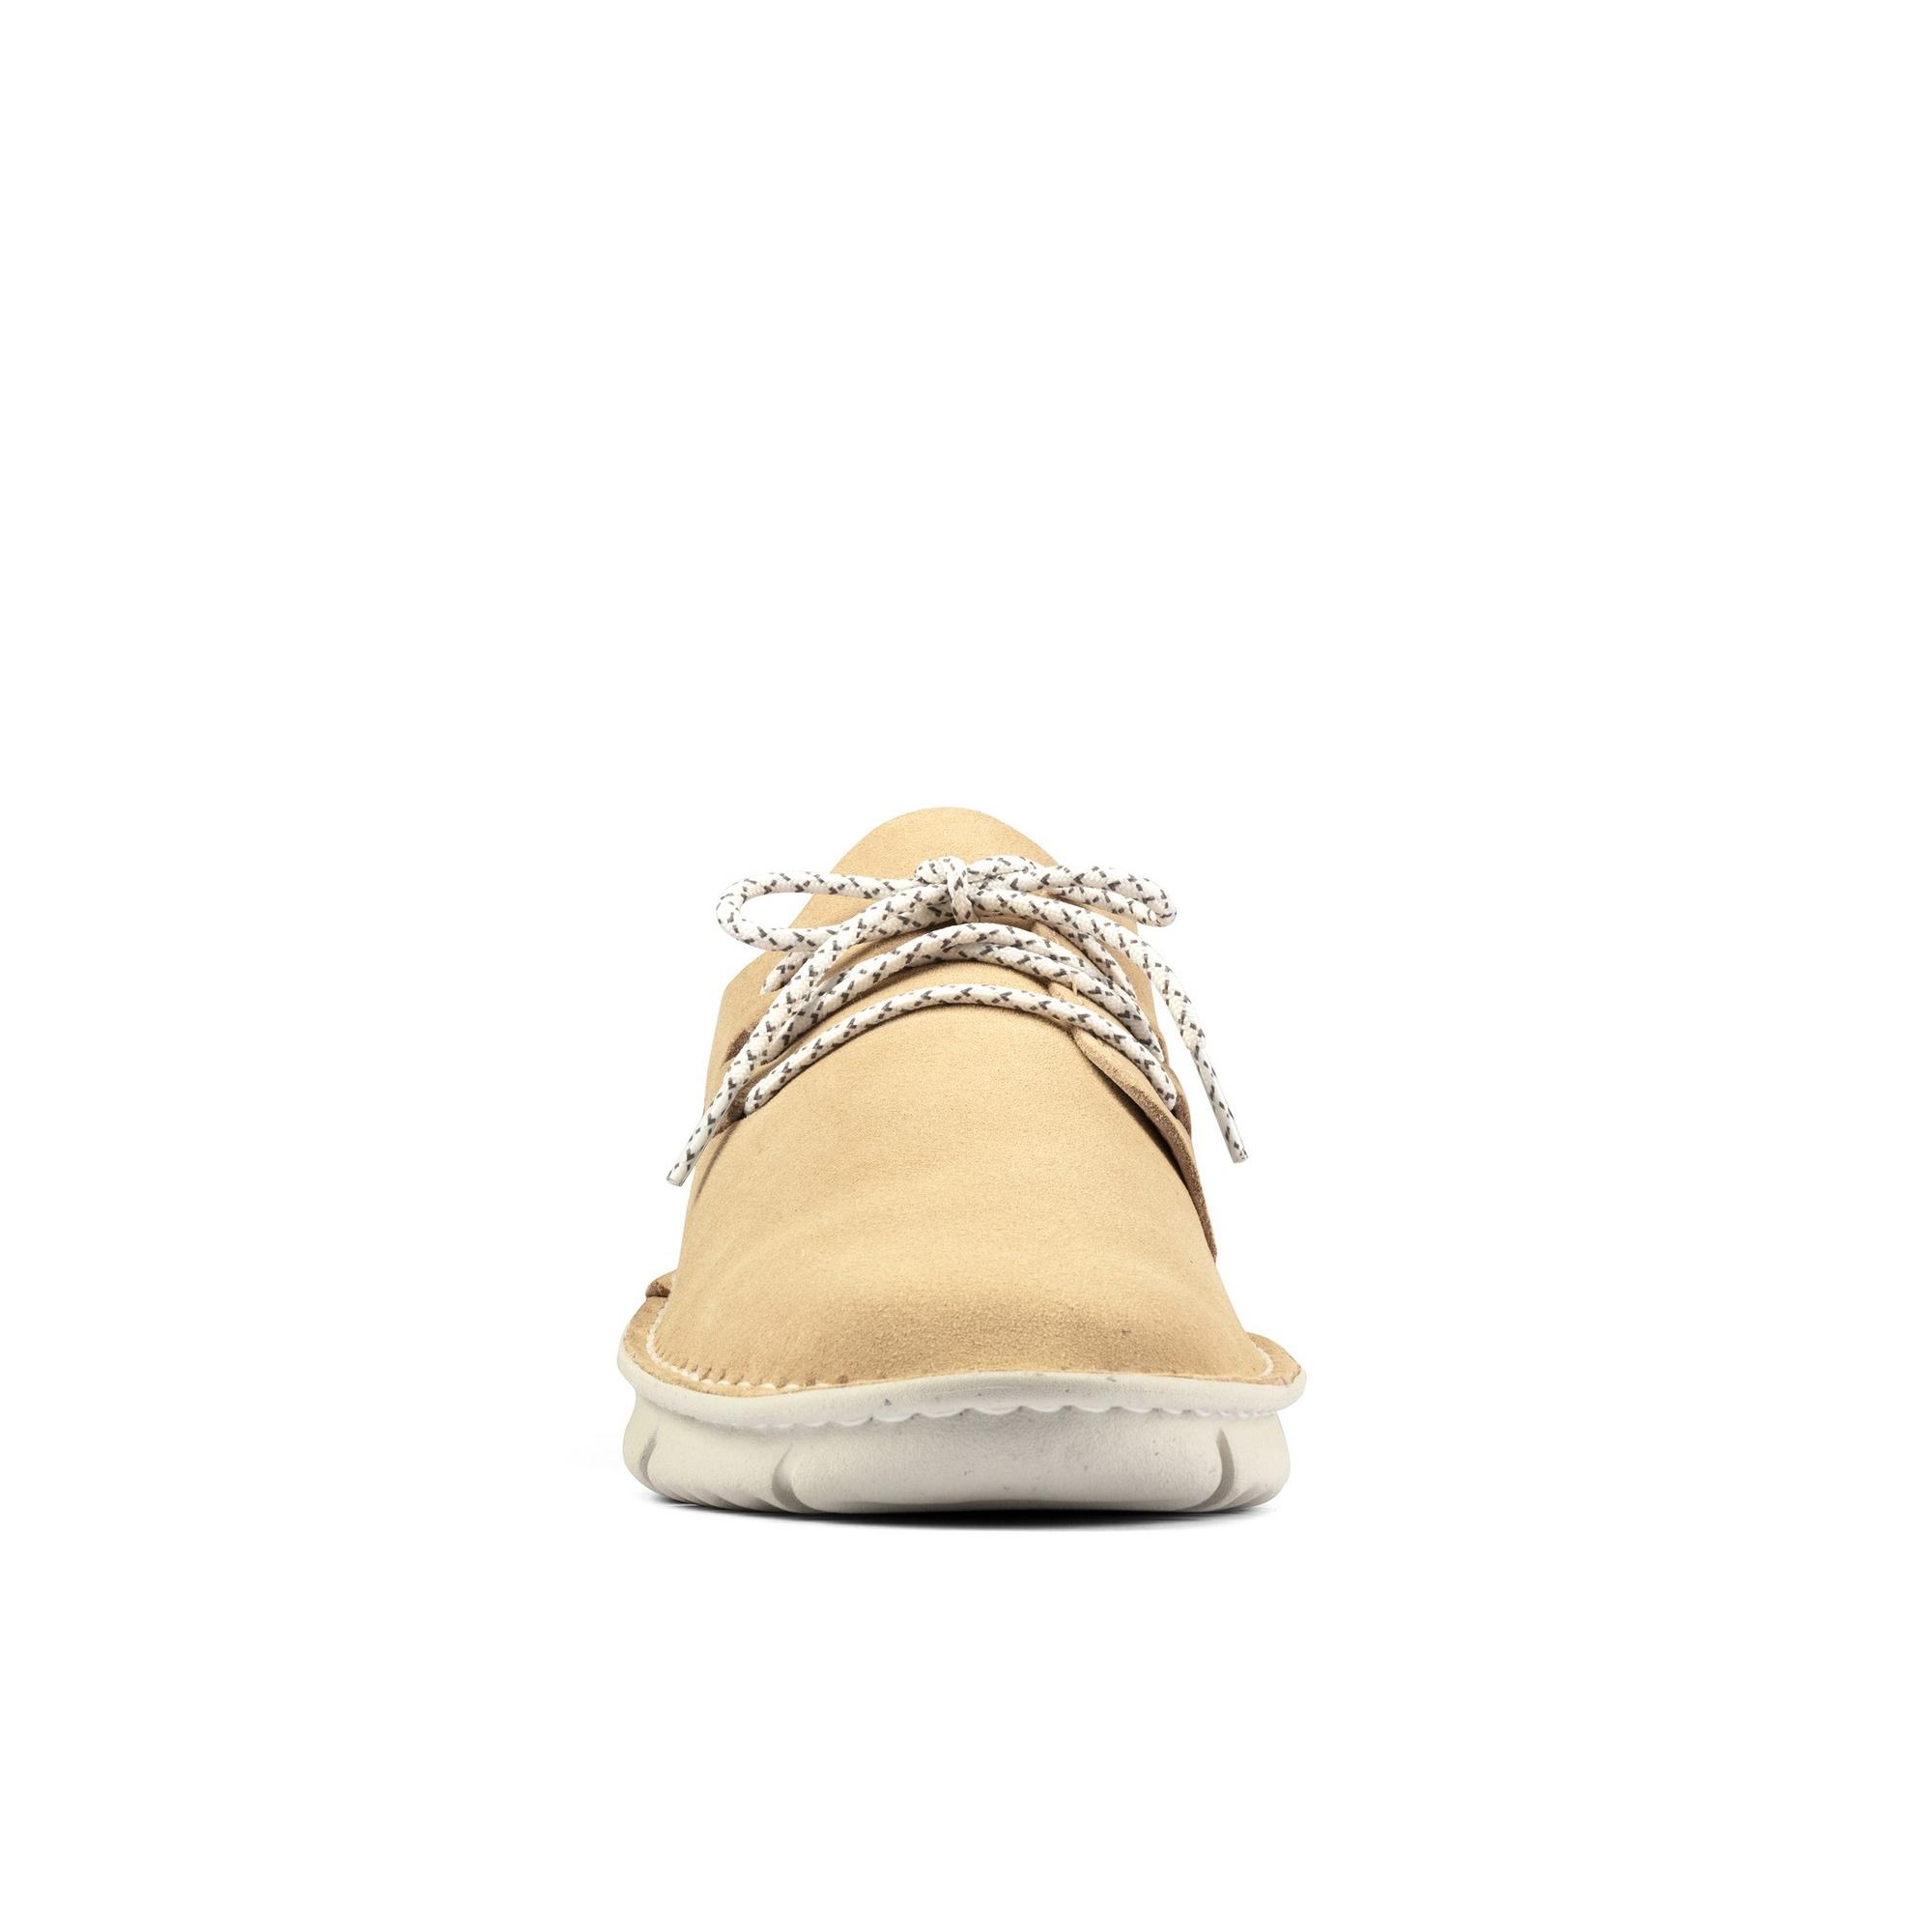 miniature 14 - Clarks - Chaussures décontractées ORIGIN - Homme (CK114)